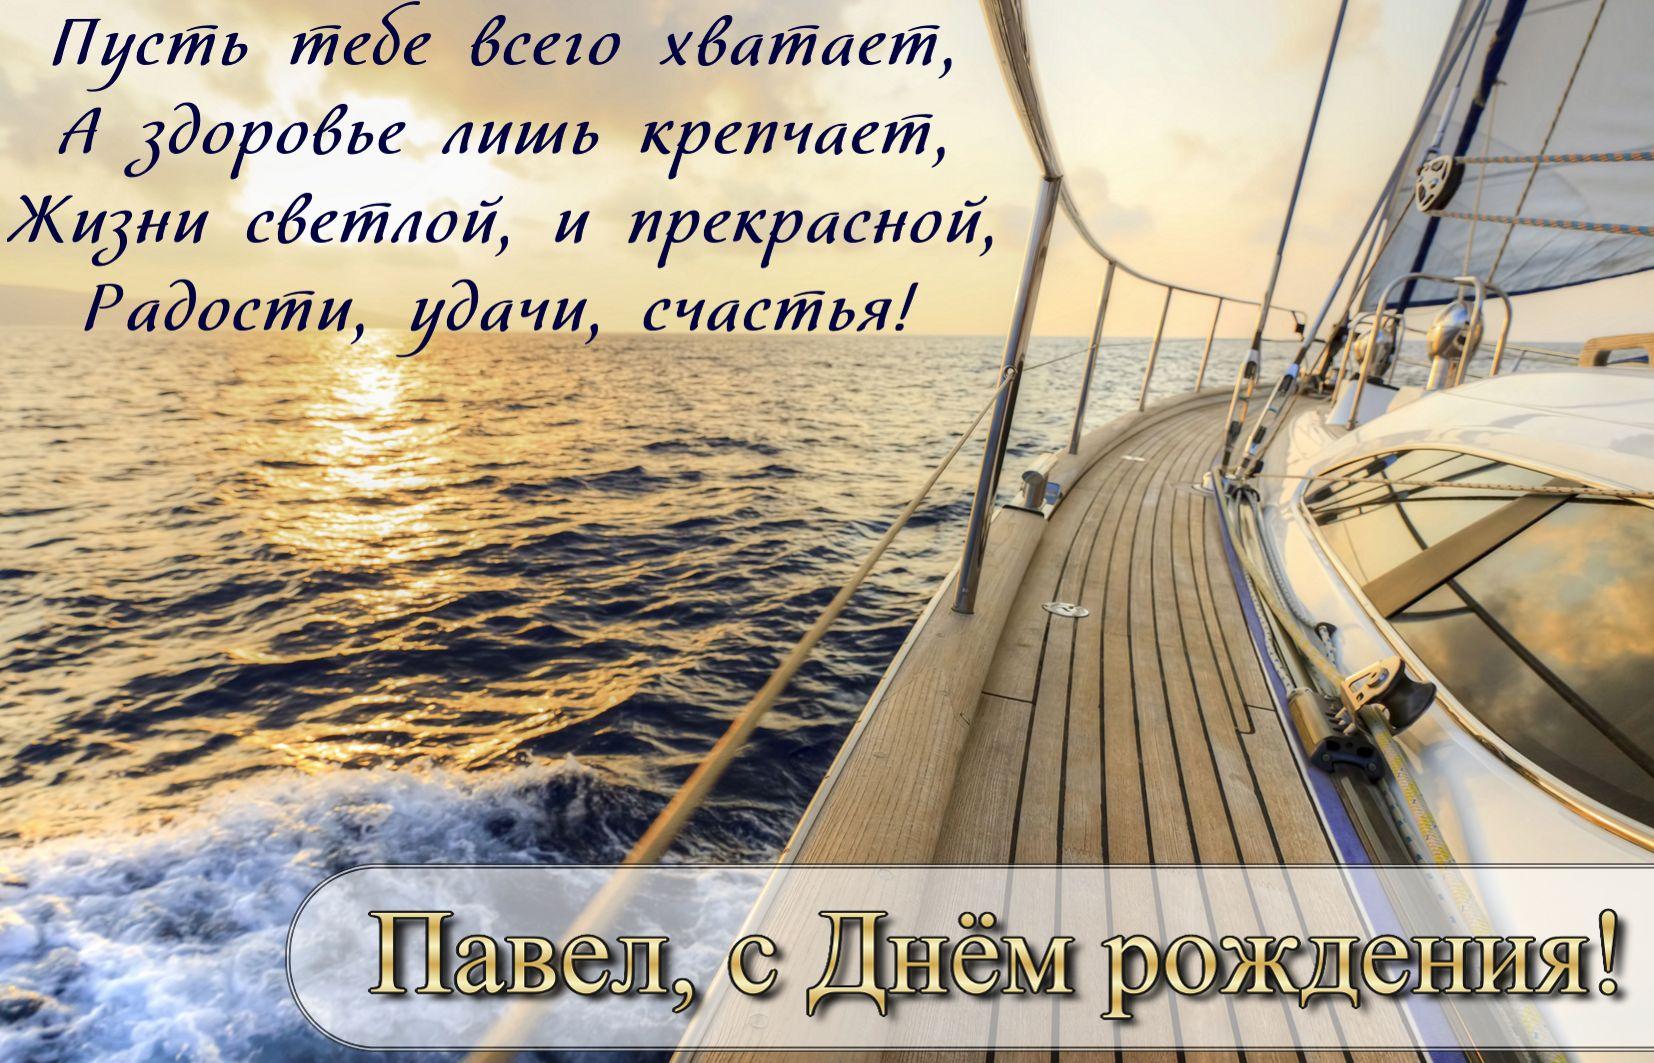 Картинки новый, с днем рождения картинка с яхтой